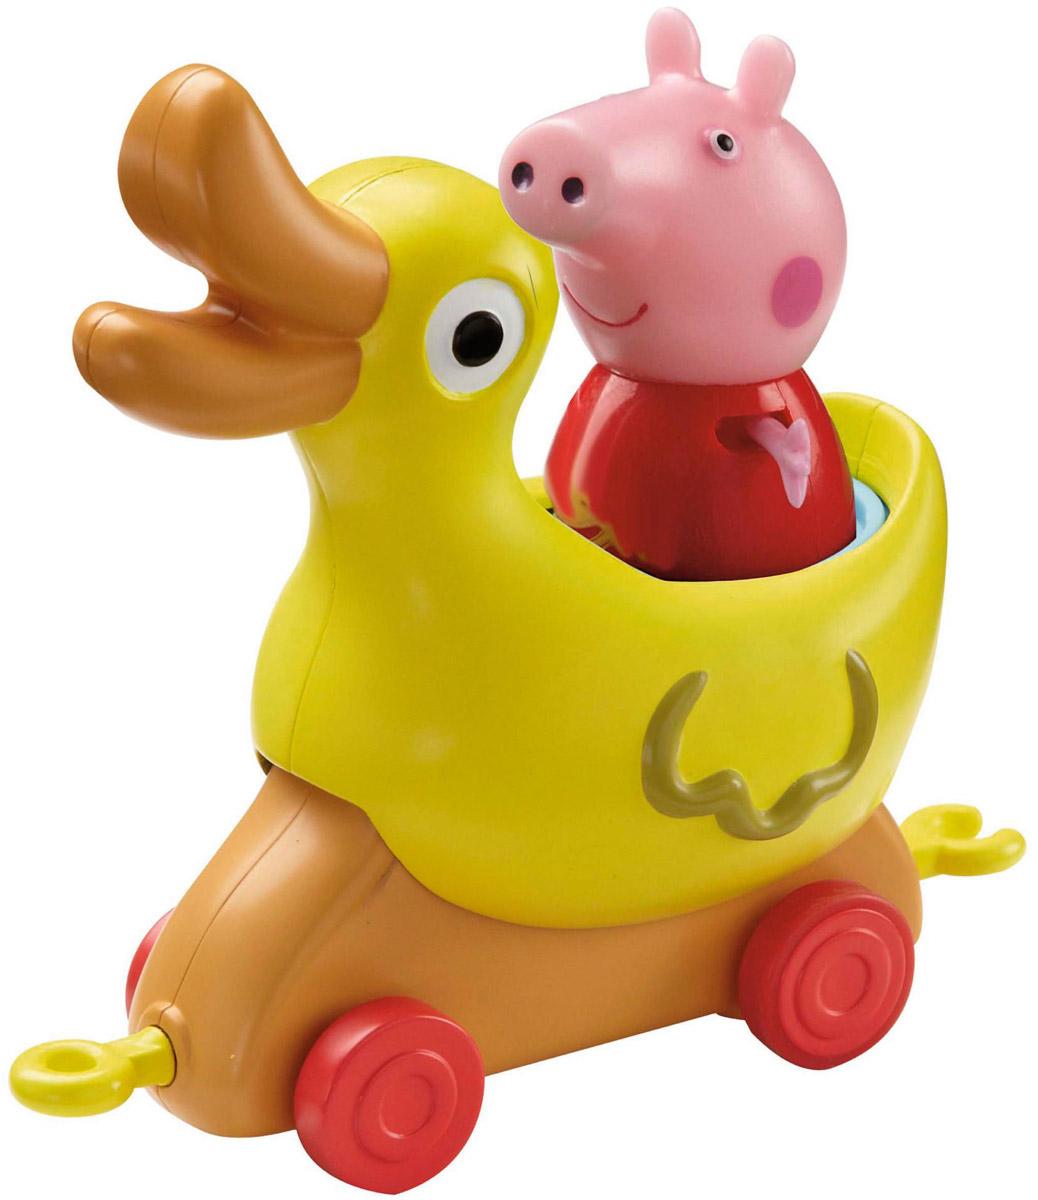 Peppa Pig Игровой набор Каталка Уточка игровой набор peppa pig игровой набор домик пеппы